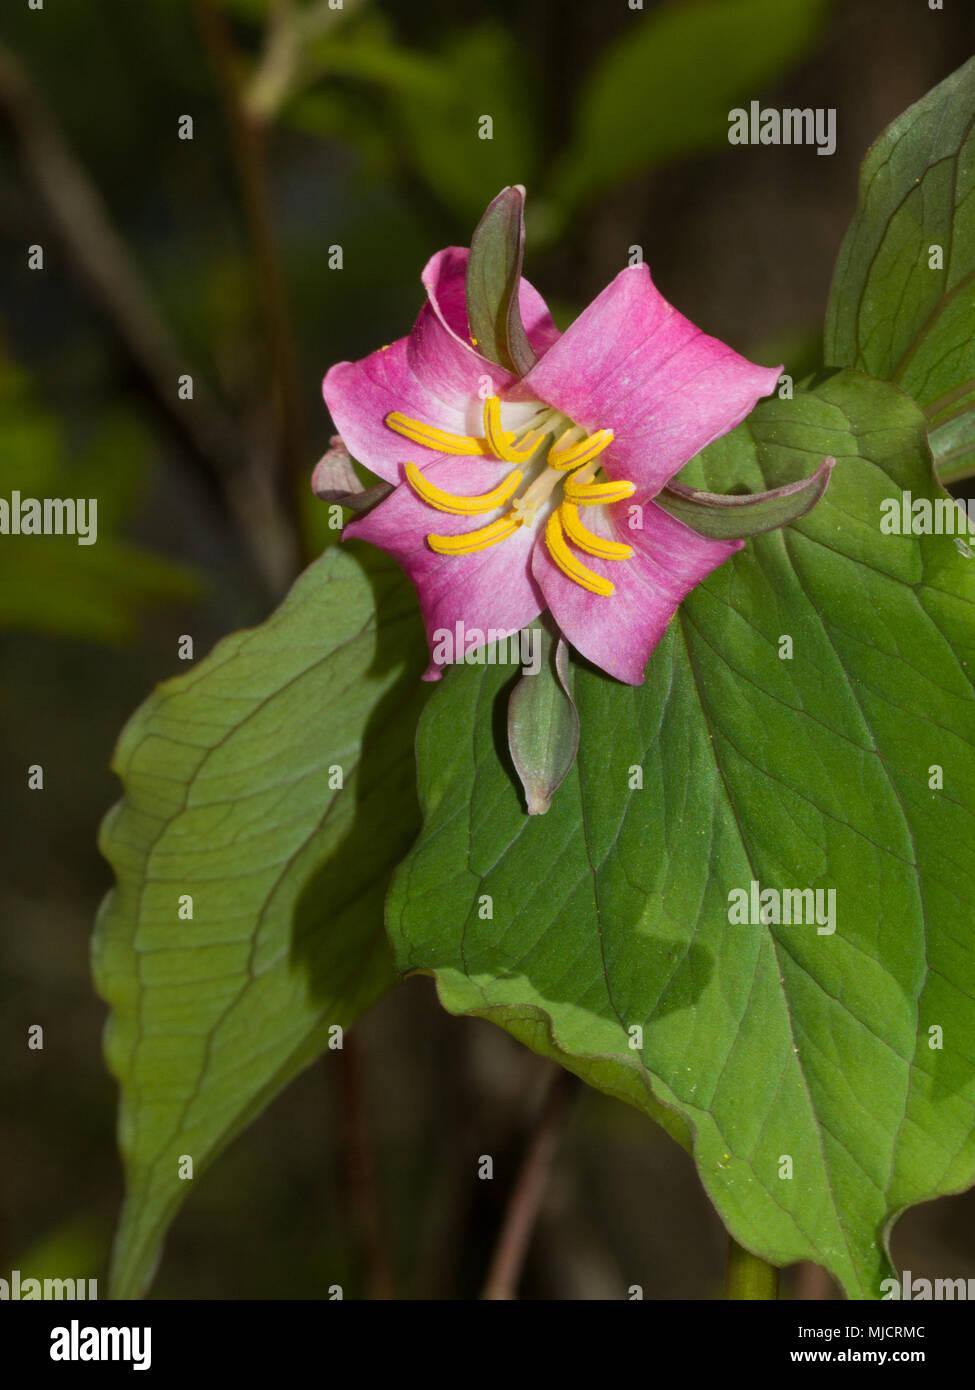 Un Catesby's trillium fiore con quattro petali e quattro sepali. Immagini Stock